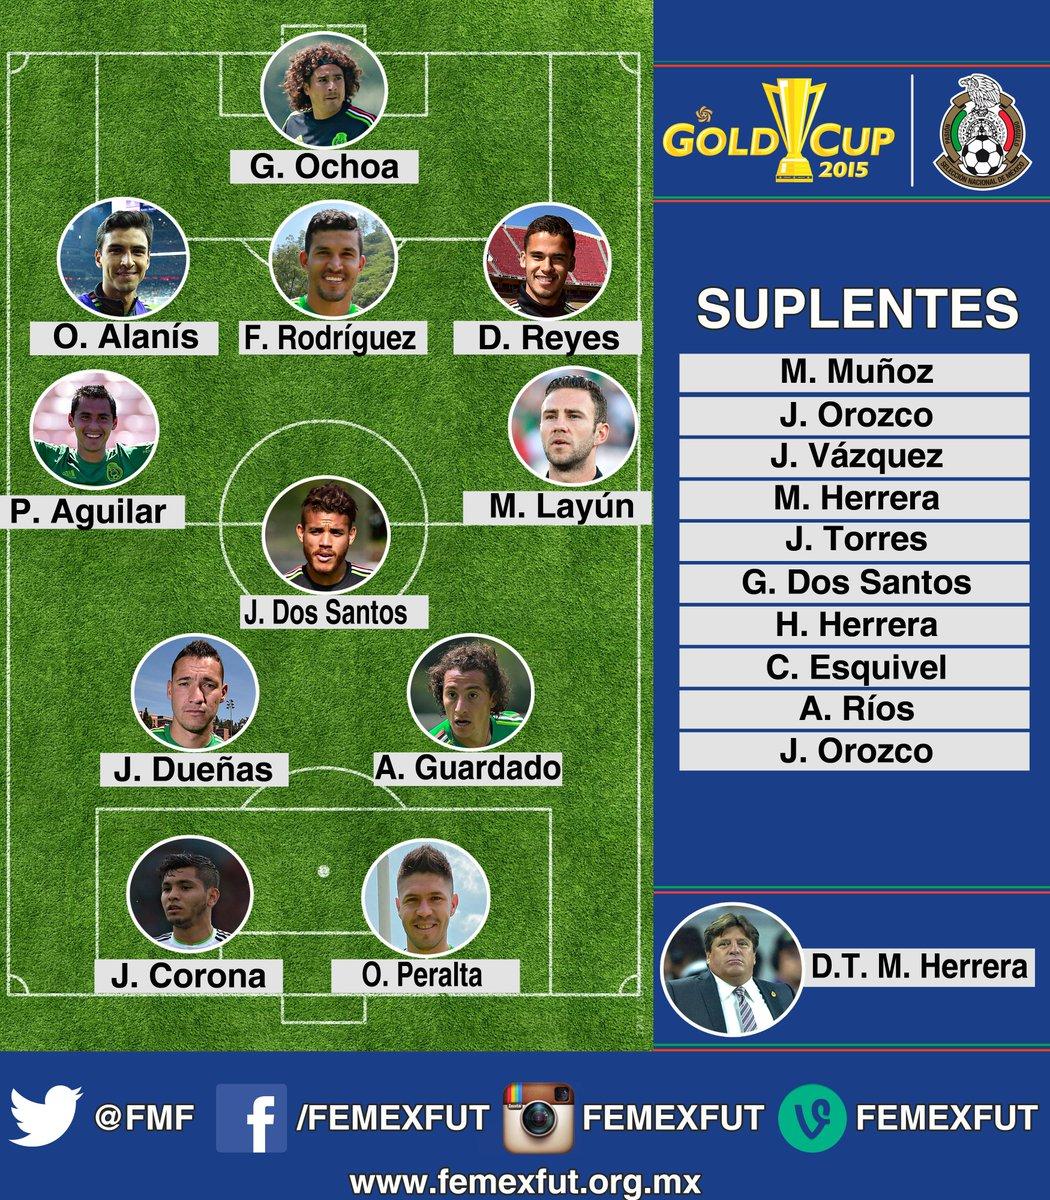 Video Gol dan Siaran Ulang: Hasil Skor Akhir Jamaika vs Meksiko di Final Piala Emas 2015 Live di FOX dan BT Sport 27 Juli